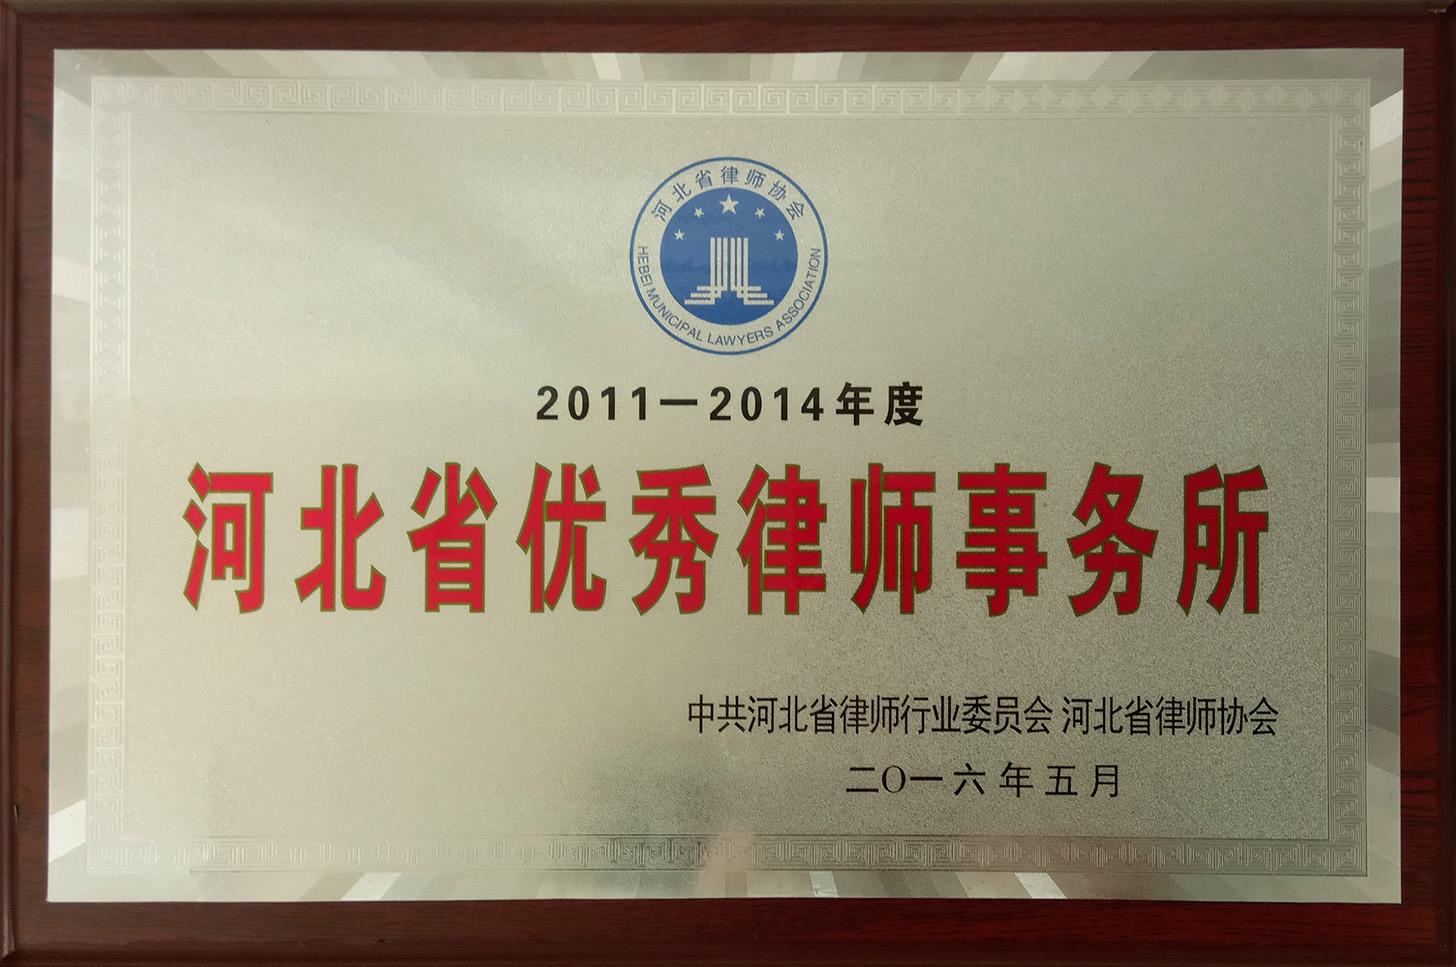 河北省优秀律师事务所